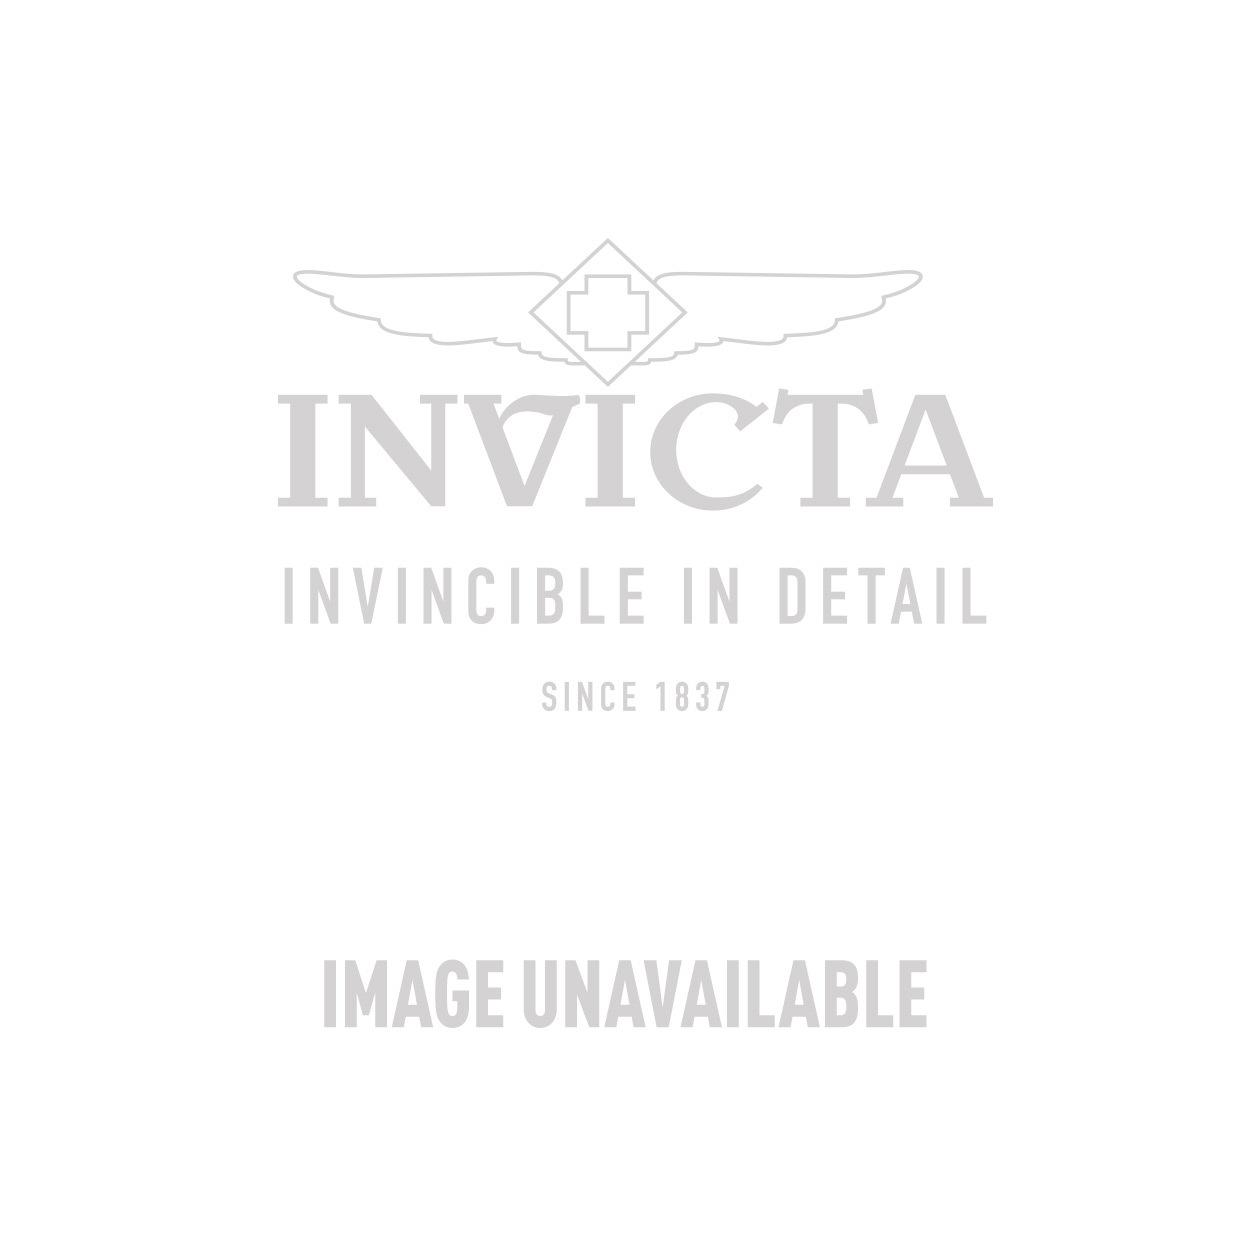 Invicta Model 27796